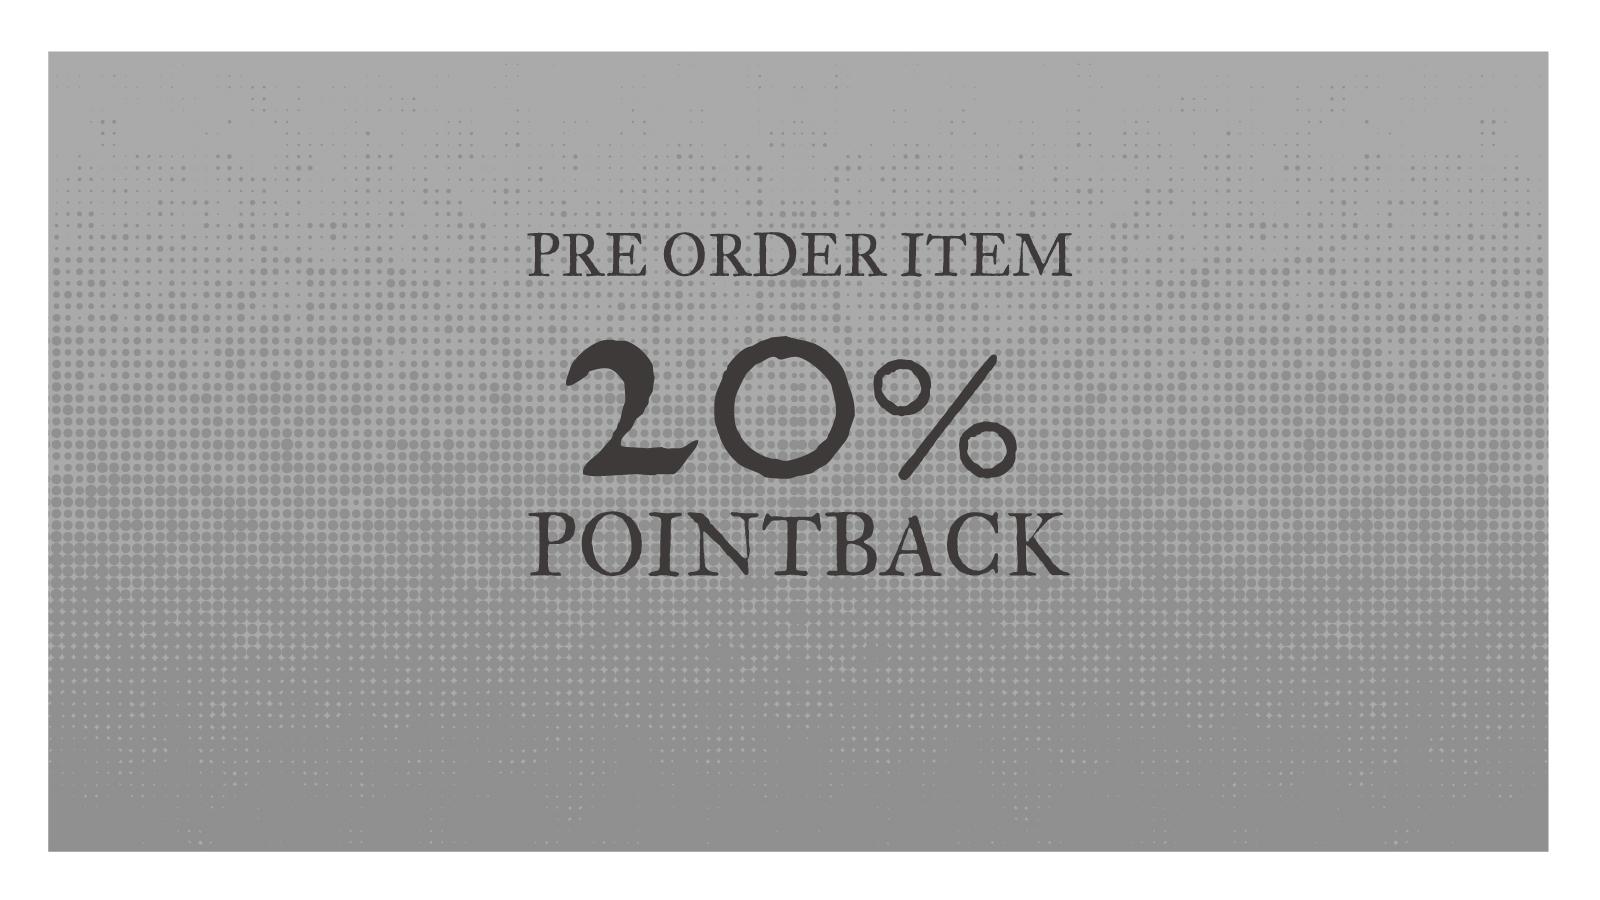 予約商品20%POINTBACK!